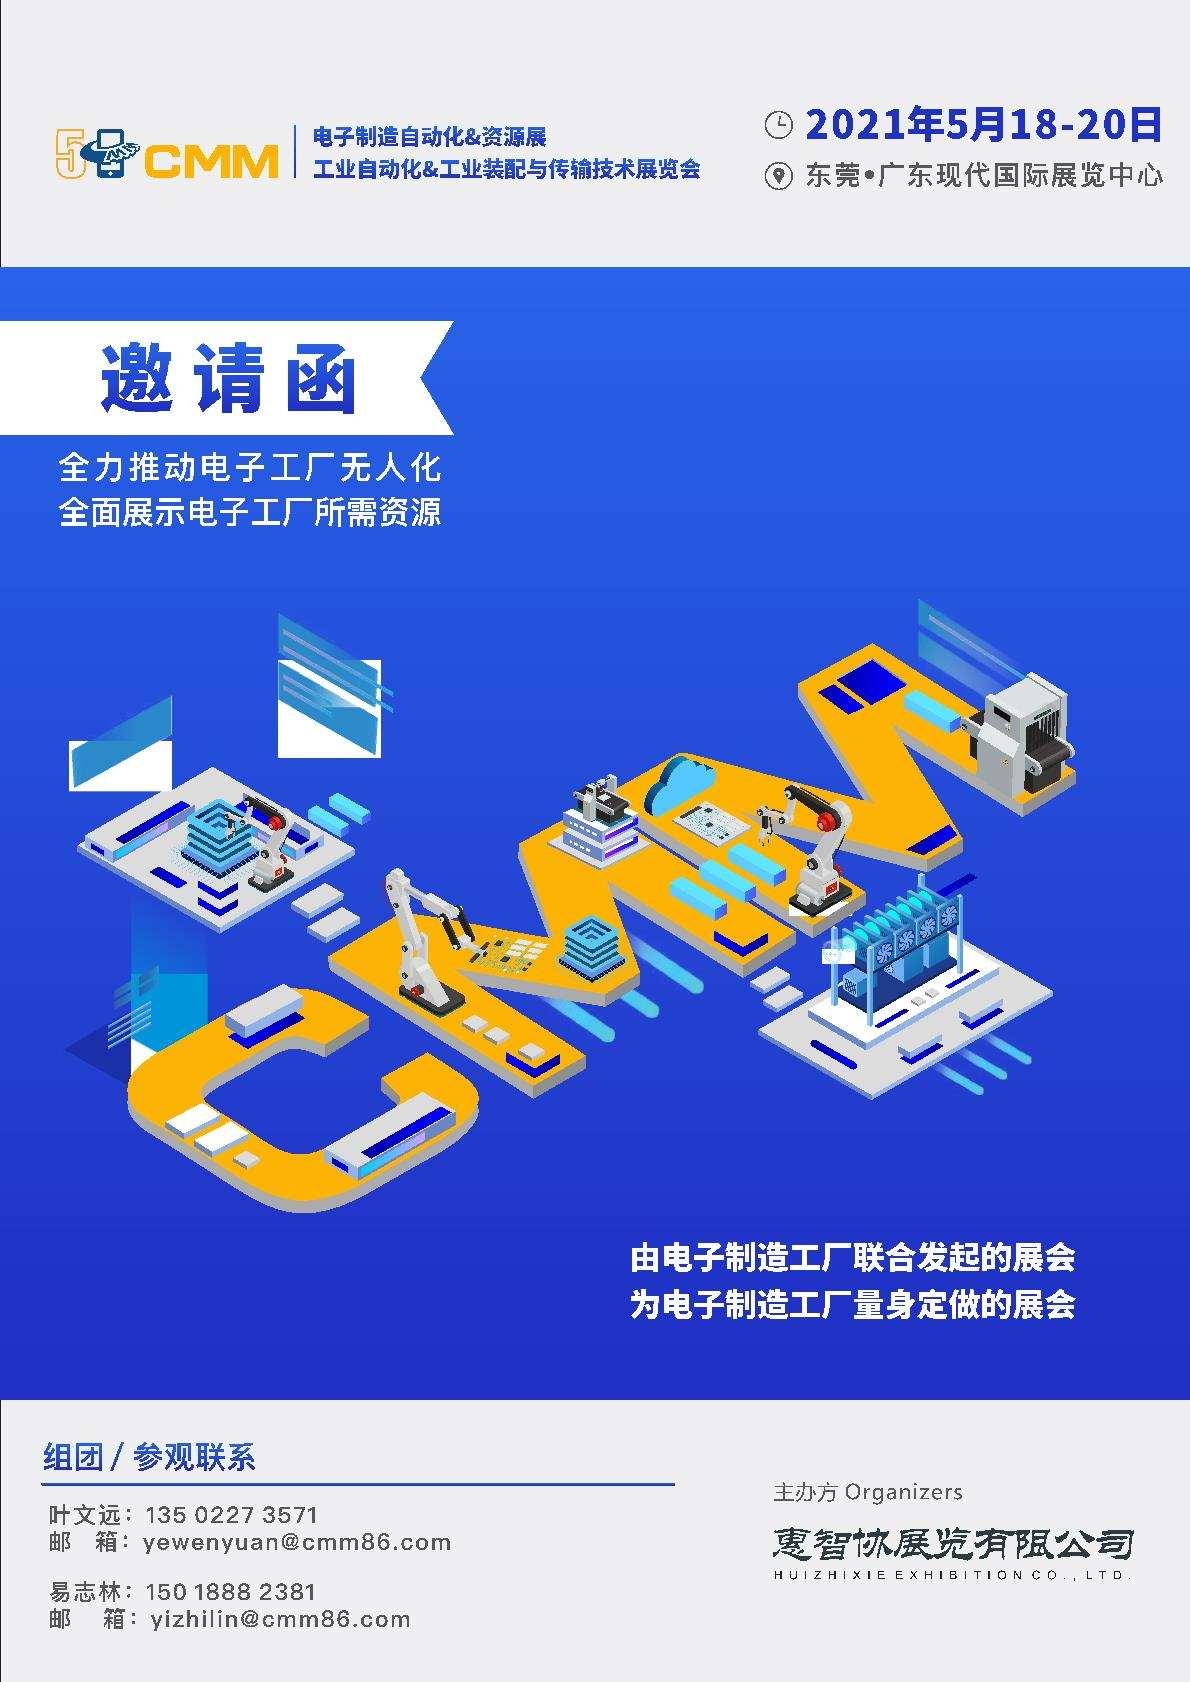 中国电子制造自动化&资源展(CMM展)